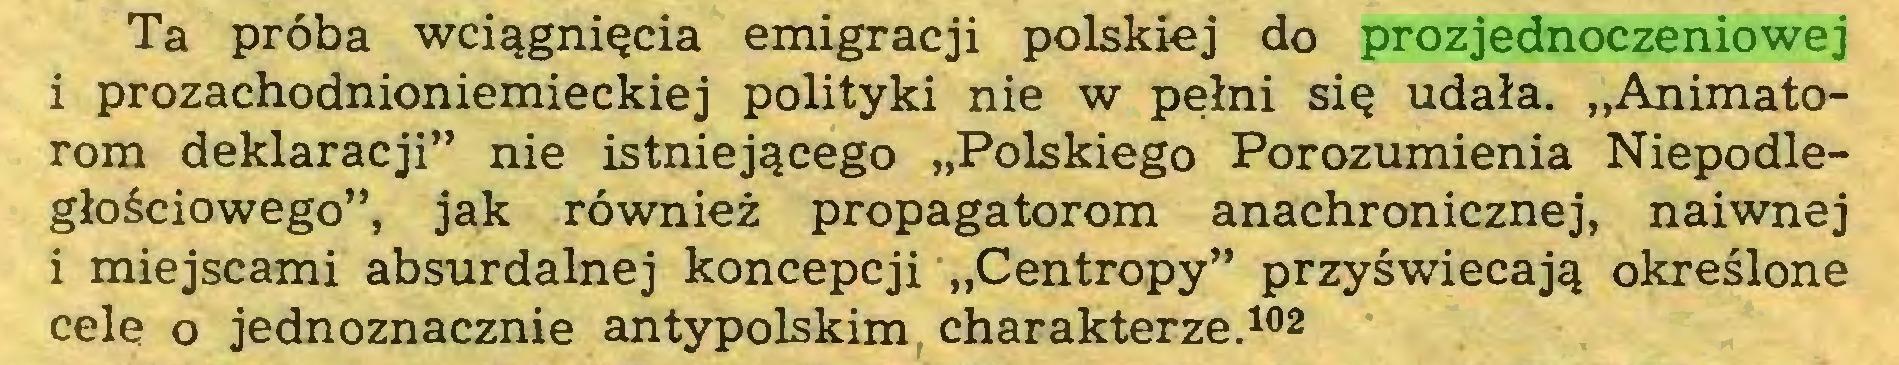 """(...) Ta próba wciągnięcia emigracji polskiej do prozjednoczeniowej i prozachodnioniemieckiej polityki nie w pełni się udała. """"Animatorom deklaracji"""" nie istniejącego """"Polskiego Porozumienia Niepodległościowego"""", jak również propagatorom anachronicznej, naiwnej i miejscami absurdalnej koncepcji """"Centropy"""" przyświecają określone cele o jednoznacznie antypolskim charakterze.102..."""